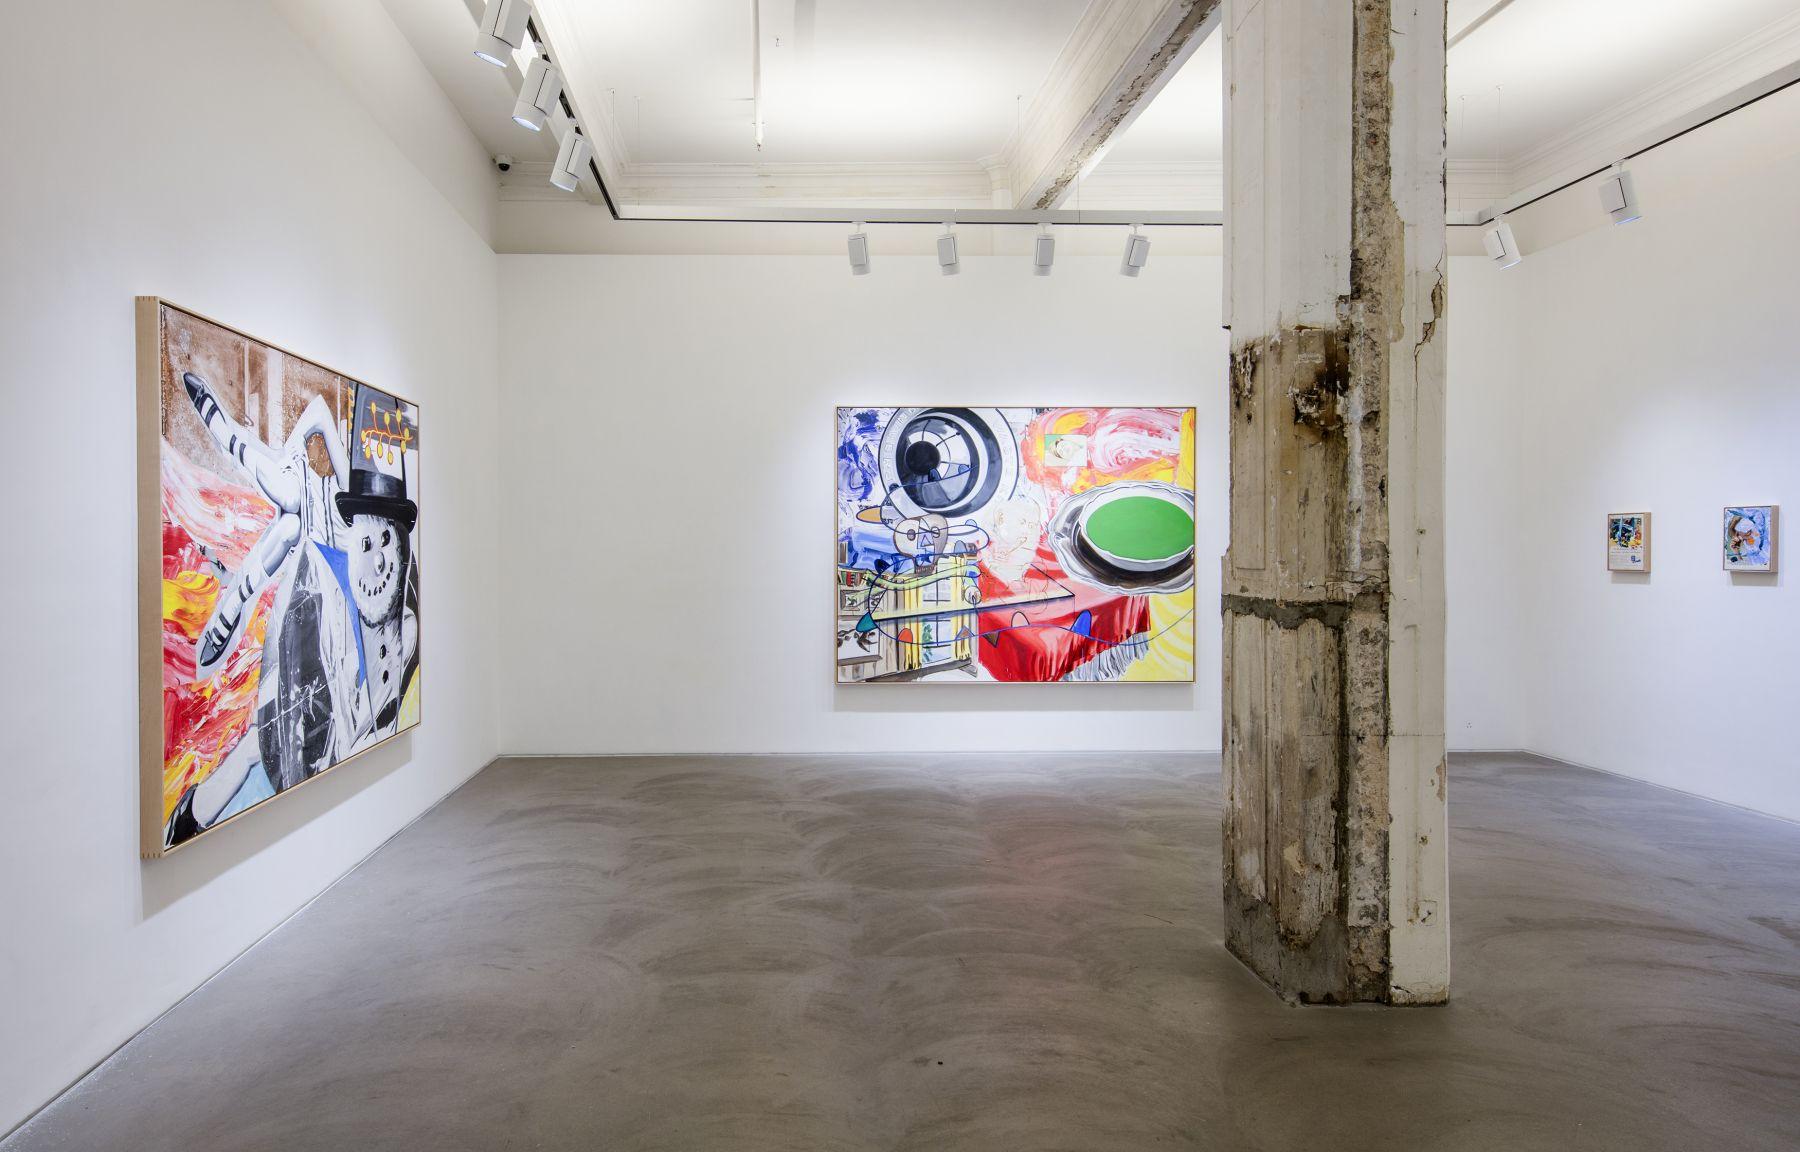 David Salle, Installation view, Lehmann Maupin, Hong Kong, 2016